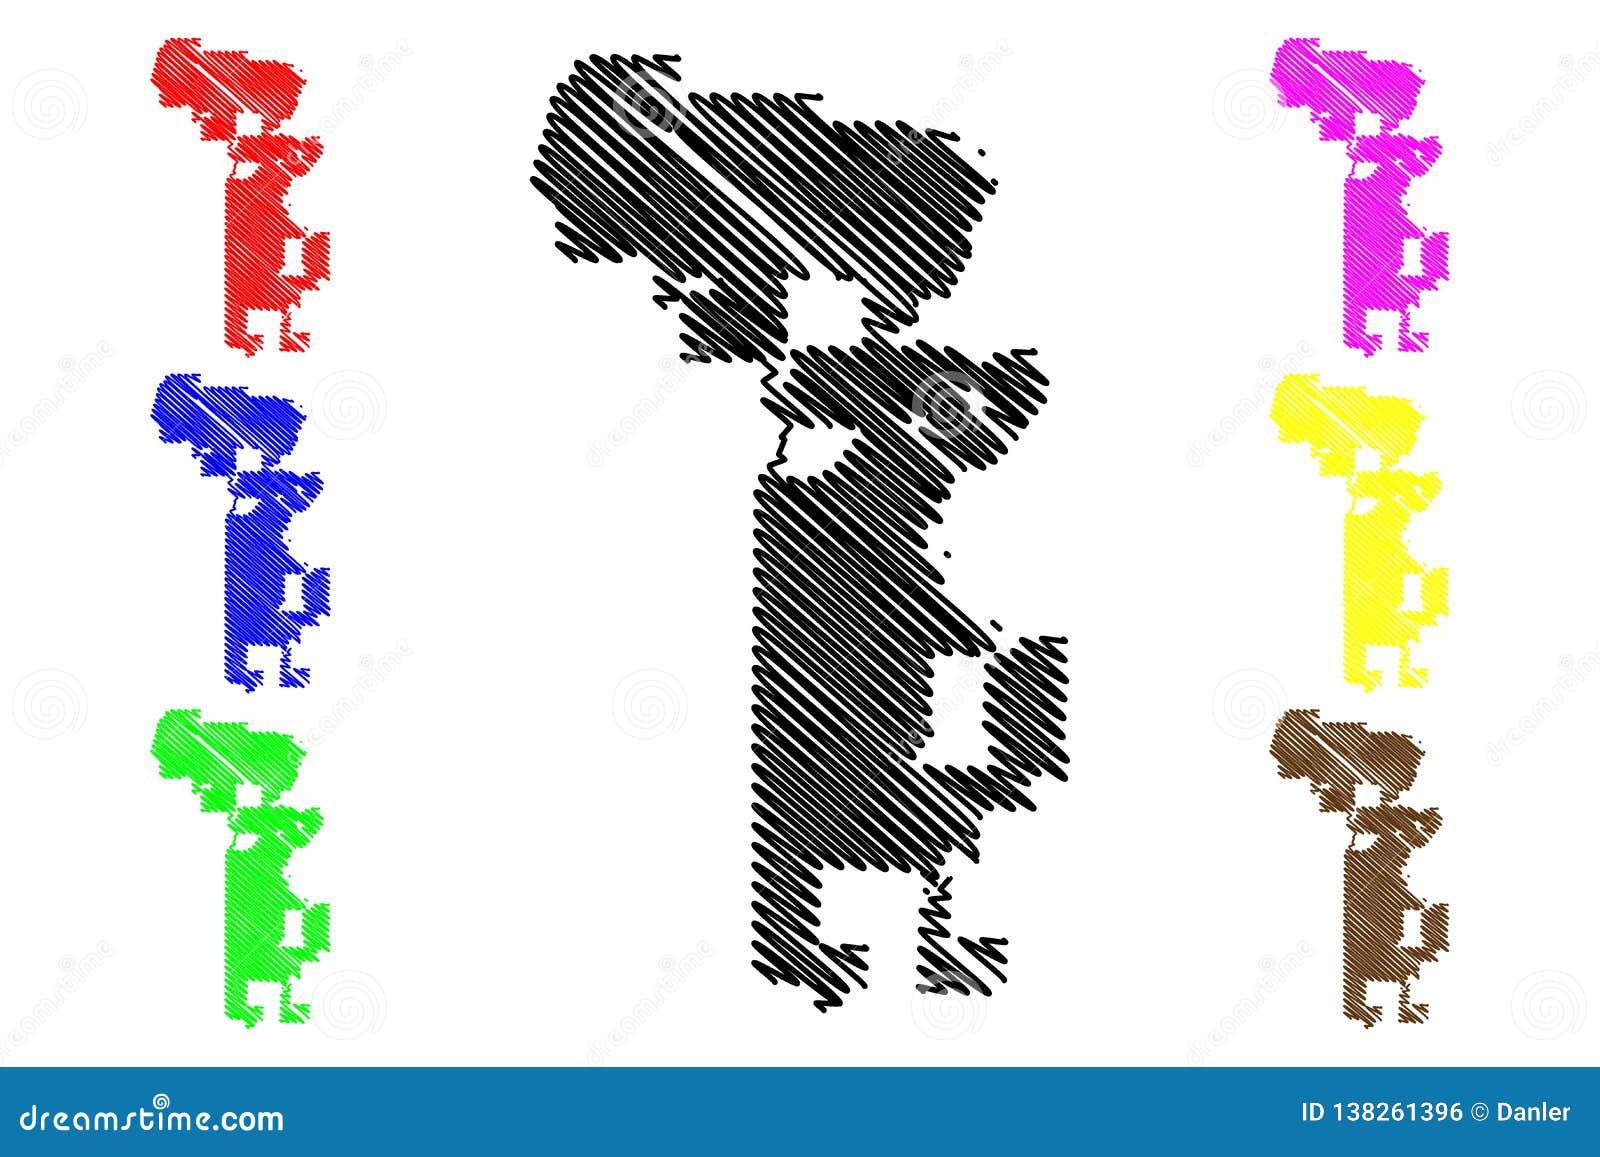 Kansas City United States Map on united states map santa fe, united states map brooklyn, united states map chesapeake, united states map albany, united states map sioux falls, united states map charlotte, united states map calgary, united states map austin, united states map flint, united states map mlb teams, united states map jackson ms, united states map fargo, united states map dallas, united states map texarkana, united states map houston, united states map columbia, united states map buffalo, united states map great salt lake, united states map manhattan, united states map cheyenne,